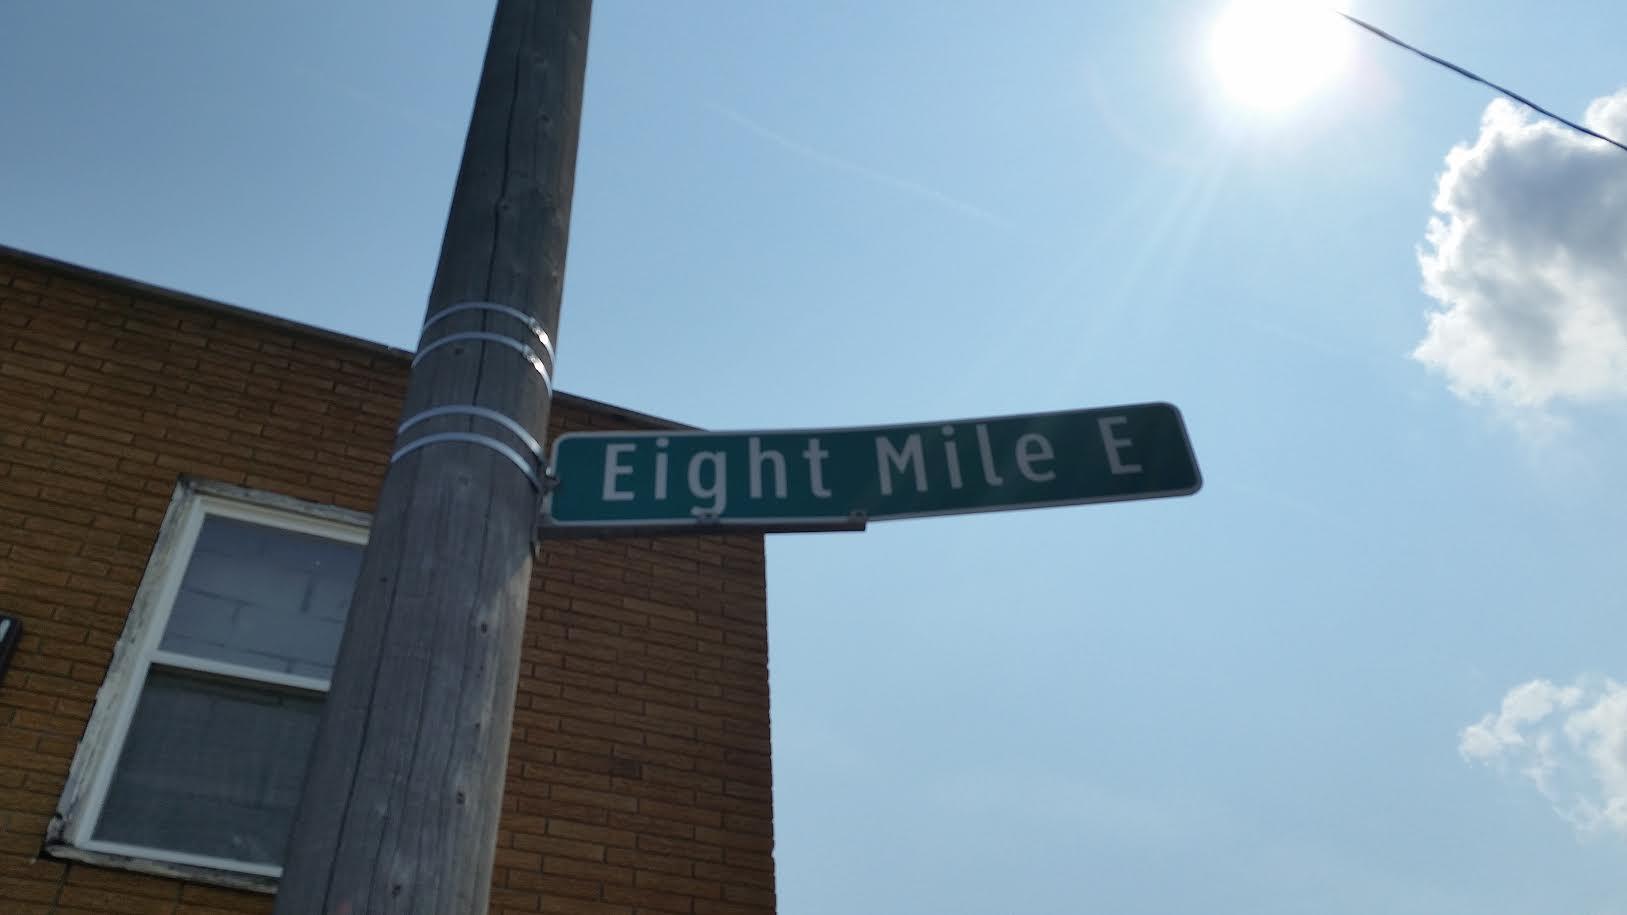 Ariana 8 Mile